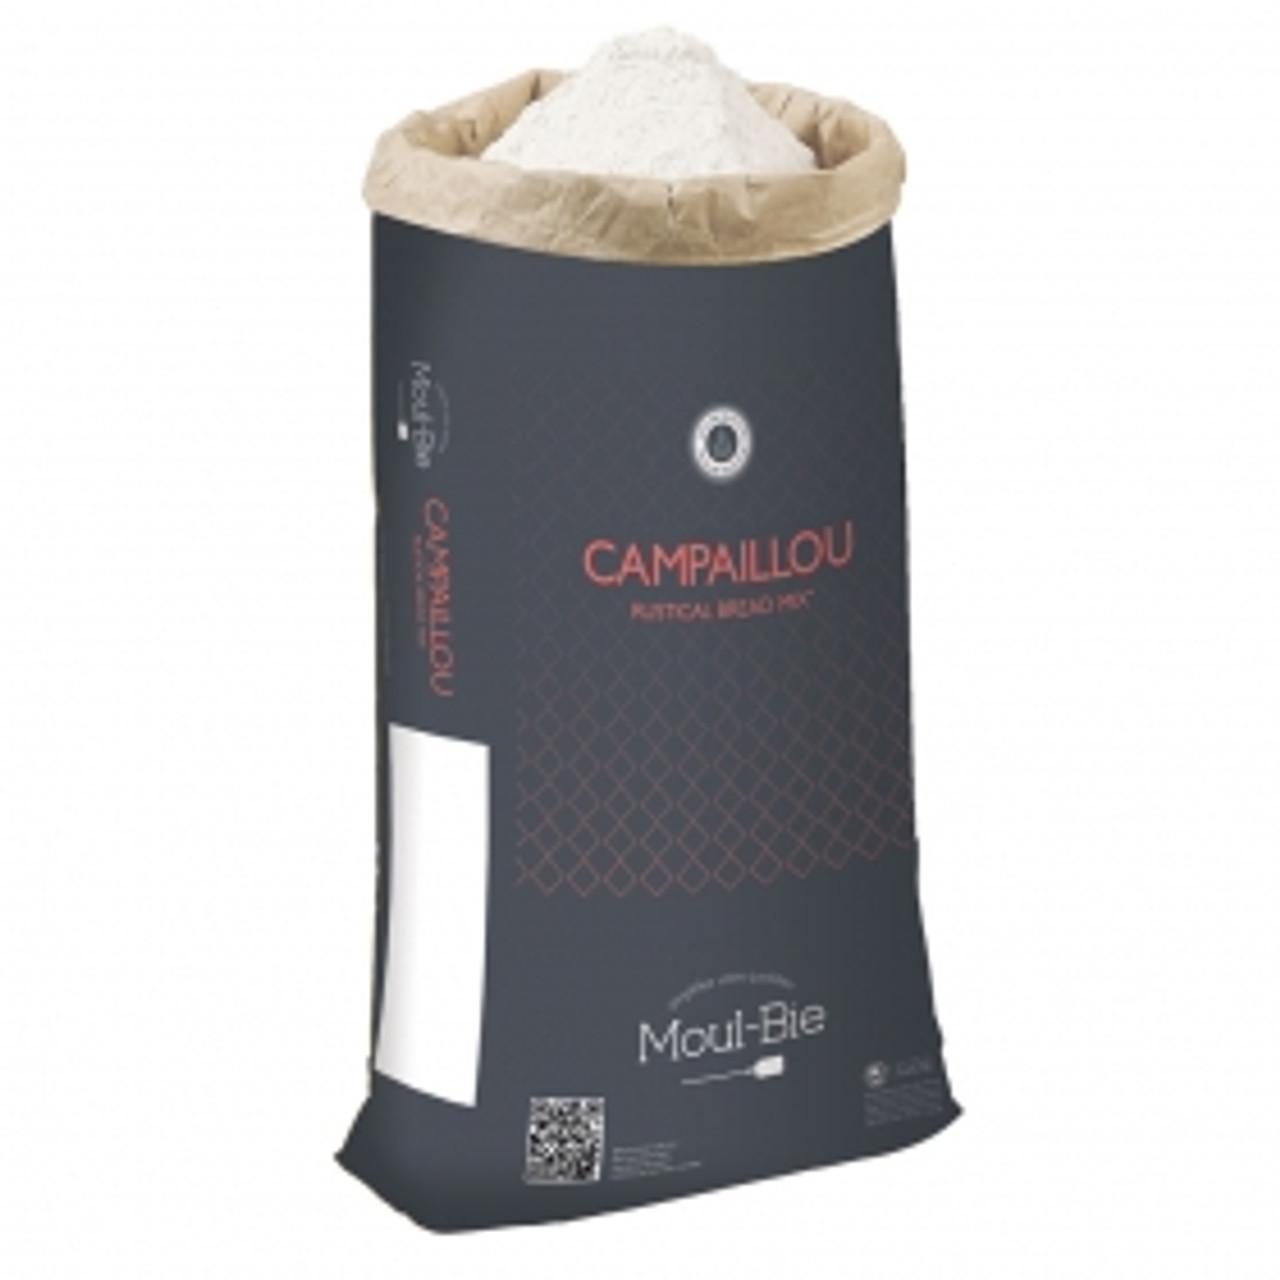 Flour - Moulbie Campaillou 25kg